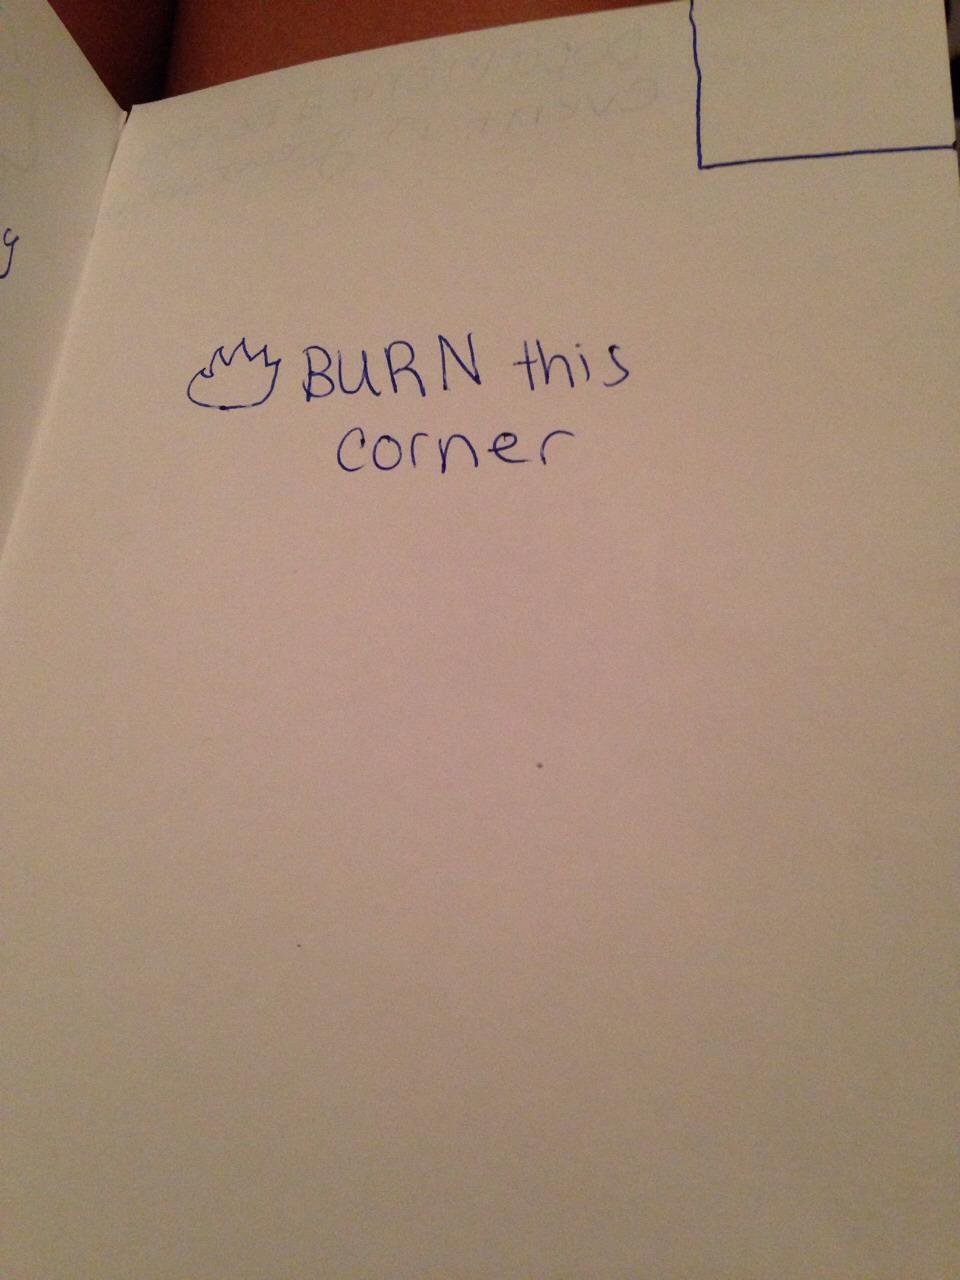 Diy wreck this journal trusper for Cute best friend gift ideas homemade